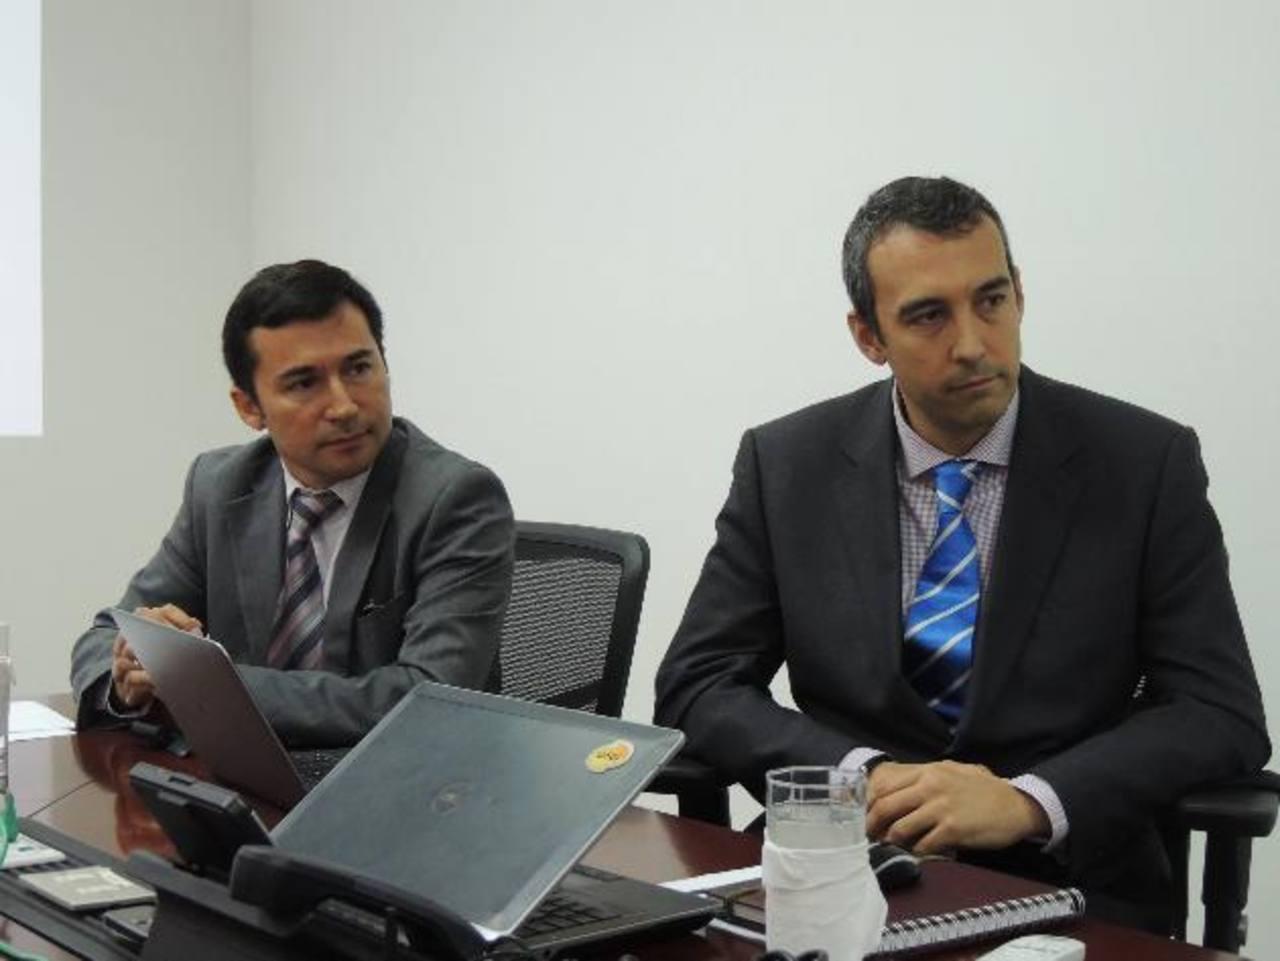 Alexis Arancibia y José Antonio Aranda, representantes de la GSMA explicaron sobre el tema. Foto EDH / Cortesía.